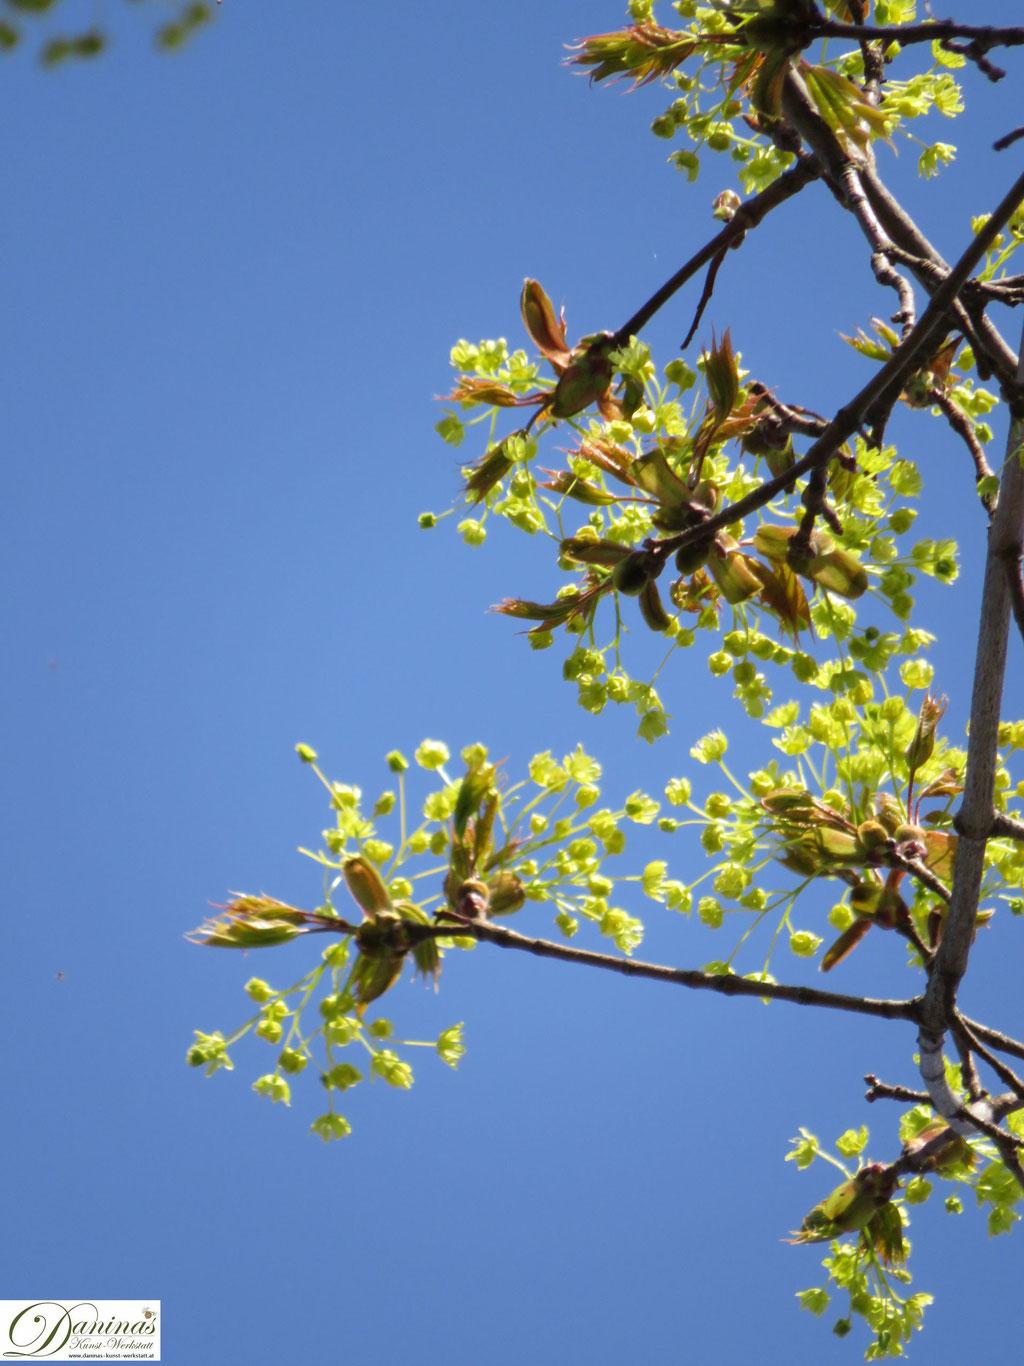 Ahorn Blüten im Frühling